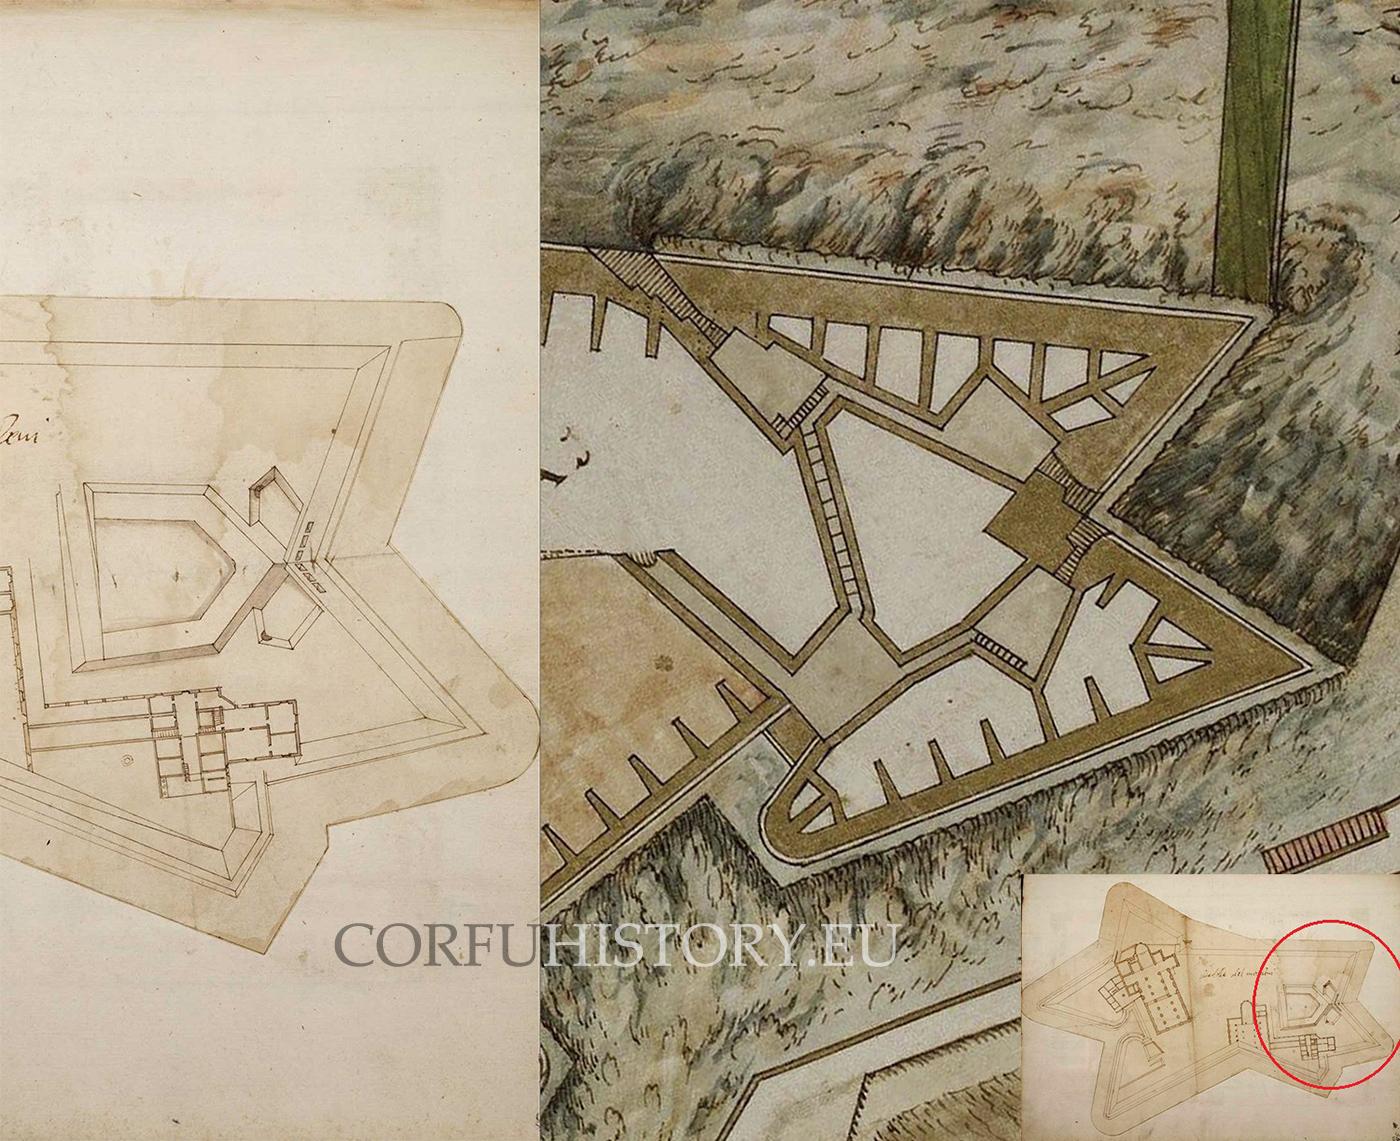 Αριστερά ο ψαλιδωτός προμαχώνας στο Μοντοβί του Πιεμόντε, δεξιά ο νότιος προμαχώνας του Ν. Φρουρίου. Διακρίνονται οι ομοιότητες στα δύο έργα του Βιτέλι.